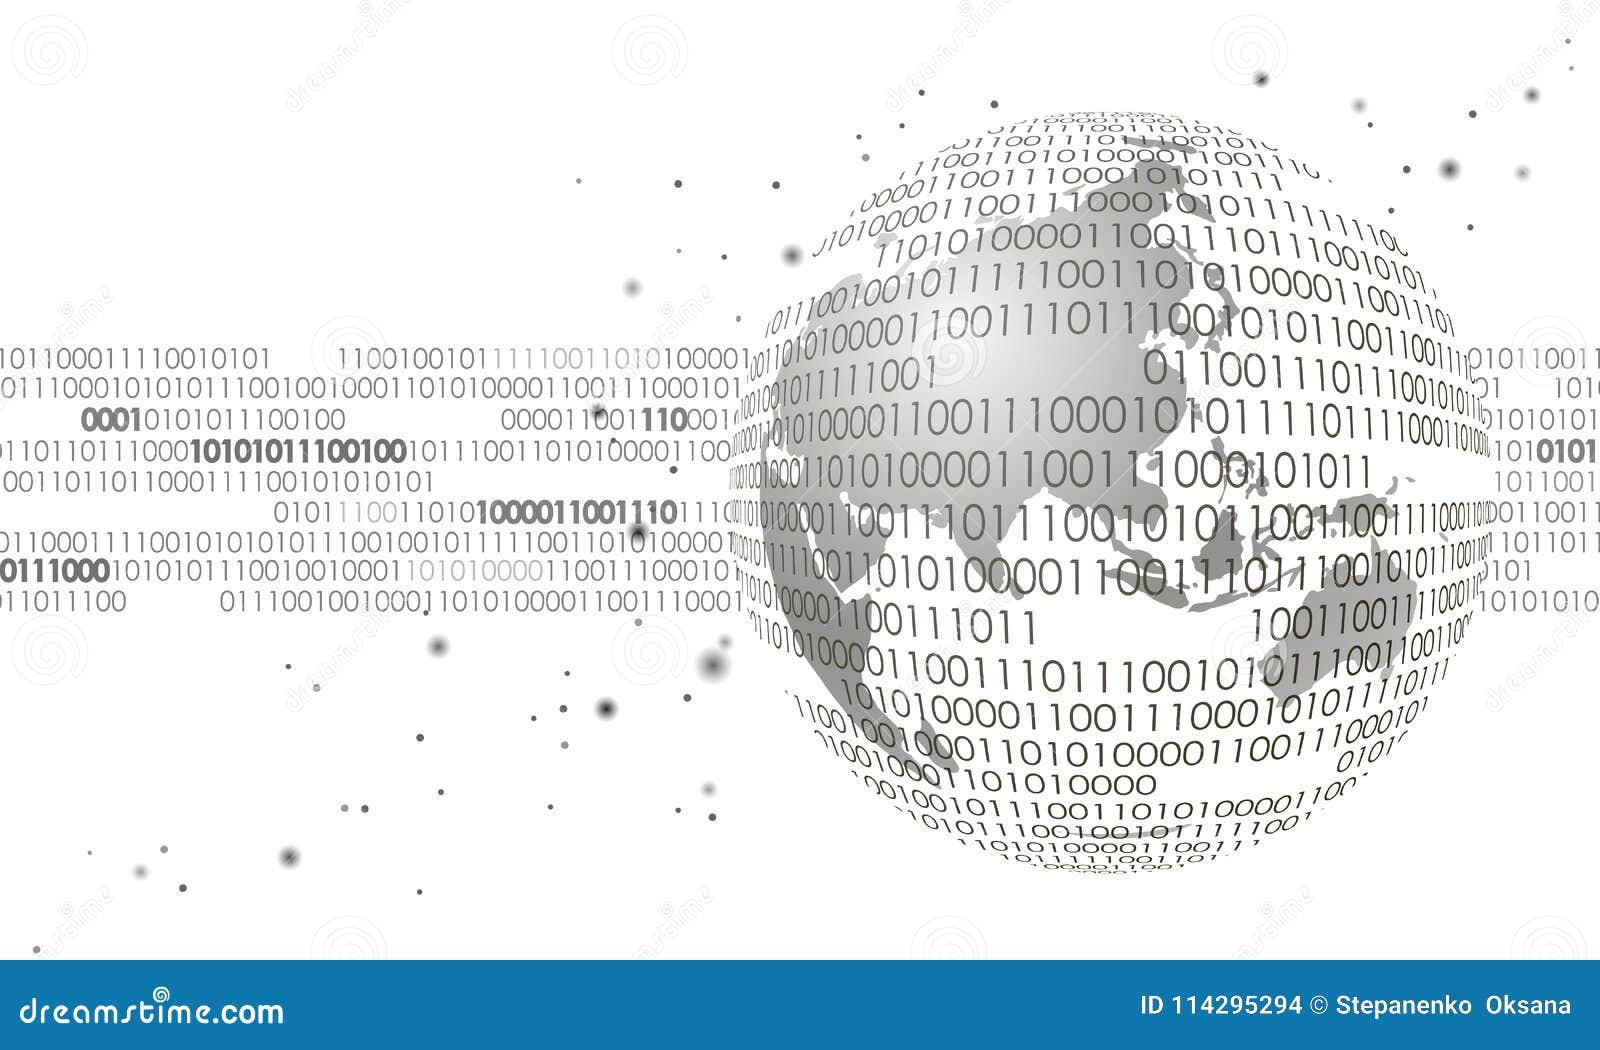 数据交换全球性国际连接的信息 行星空间现代未来技术财务银行业务设计